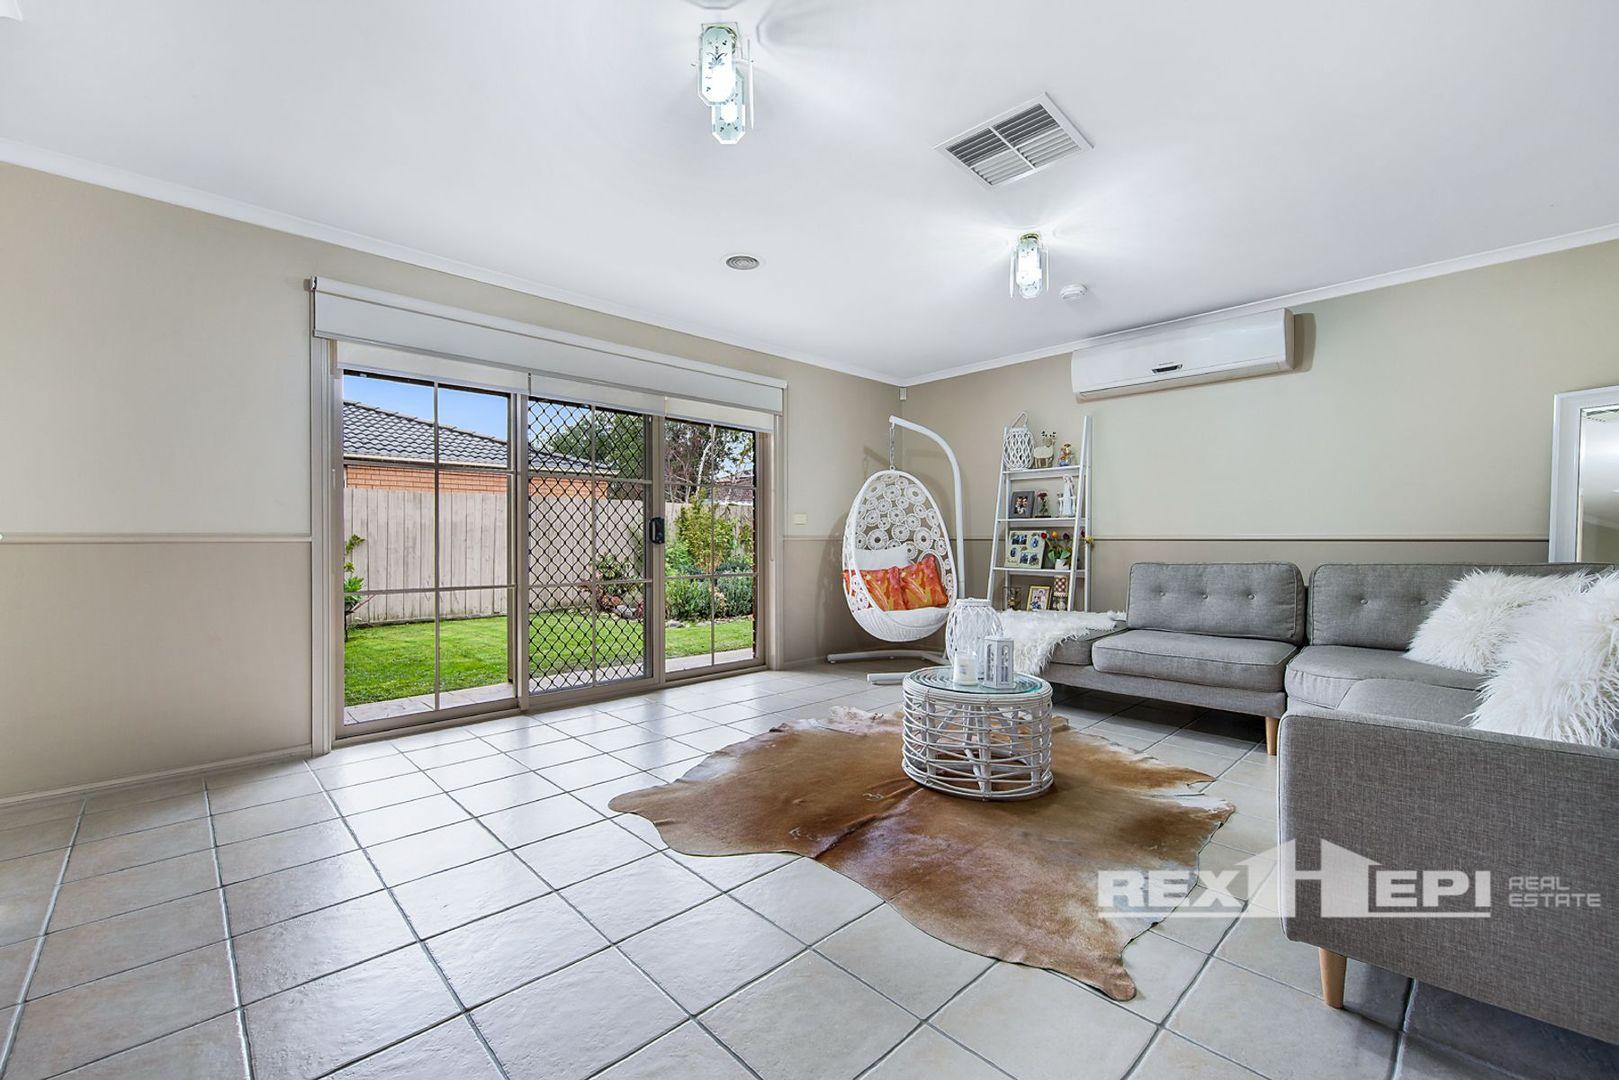 51 Parkwood Avenue, Narre Warren South VIC 3805, Image 2